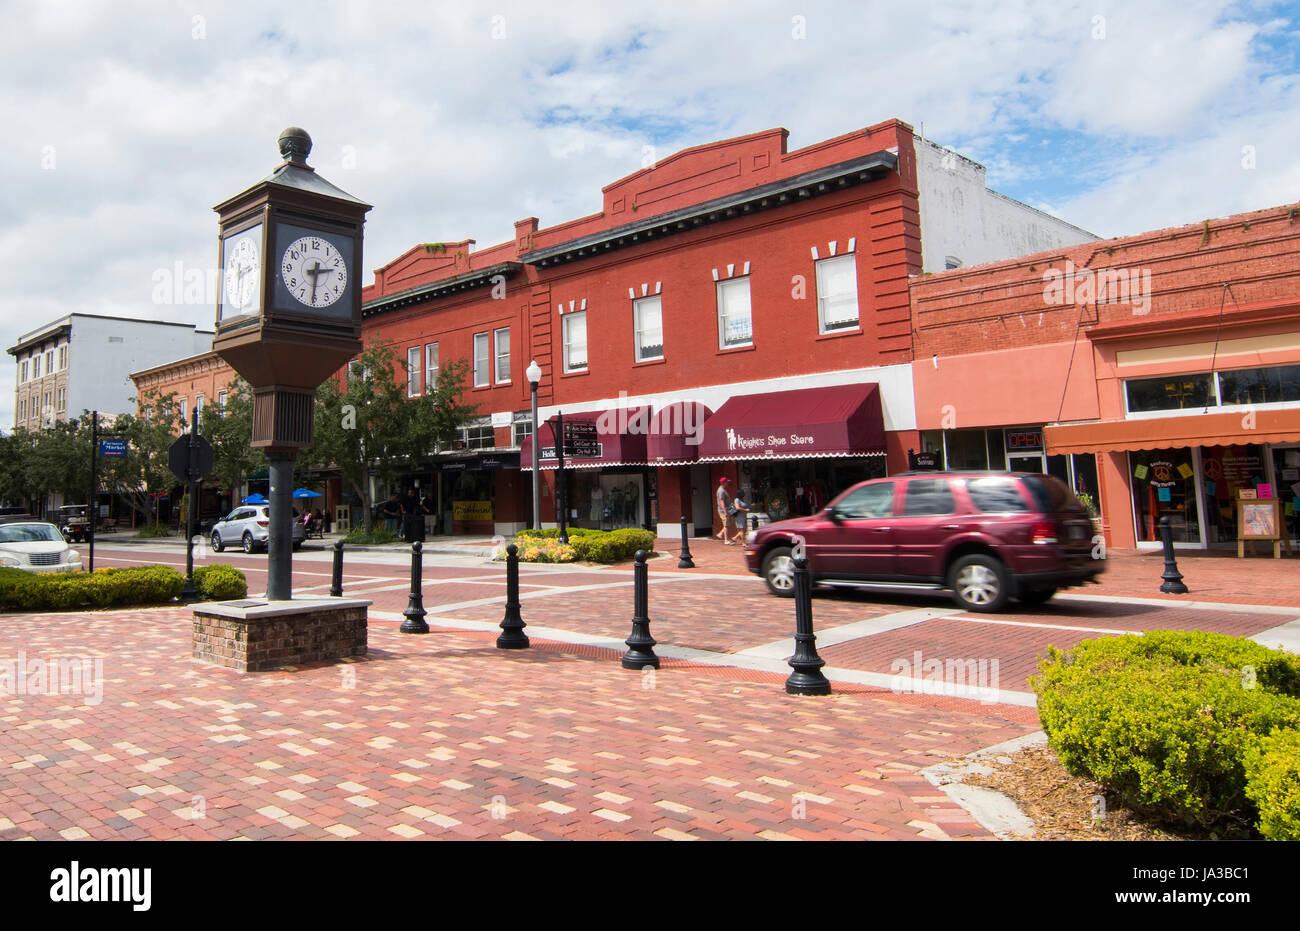 Sanford Florida Centre-ville 1e Rue Rue principale petite ville zone antique restauré ville, Banque D'Images